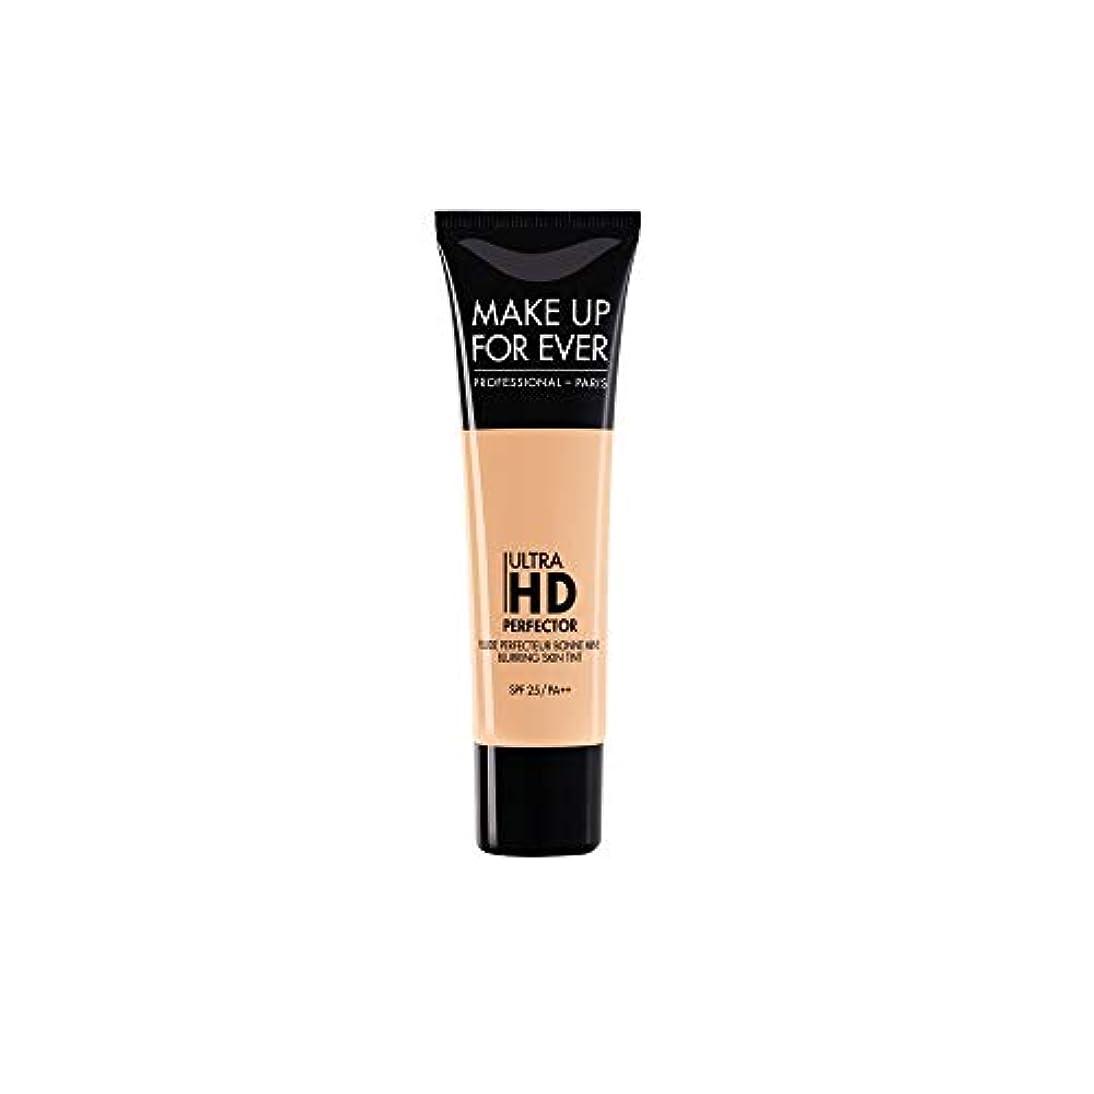 忌み嫌うクロス時計メイクアップフォーエバー Ultra HD Perfector Blurring Skin Tint SPF25 - # 05 Sand 30ml/1.01oz並行輸入品